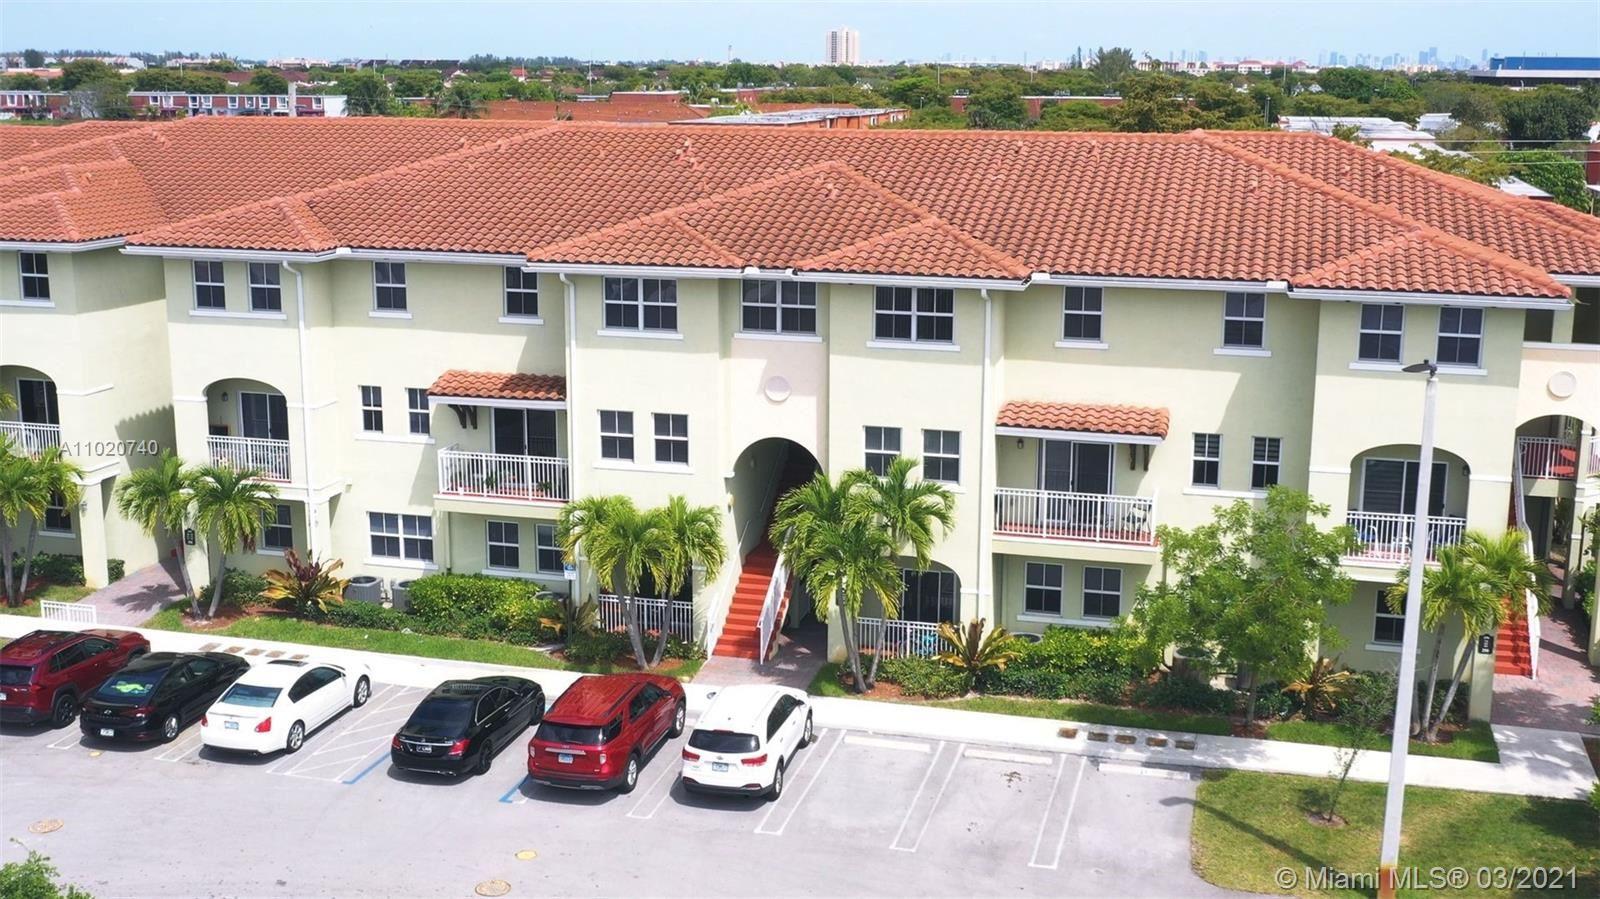 290 NW 109th Ave #110, Miami, FL 33172 - #: A11020740